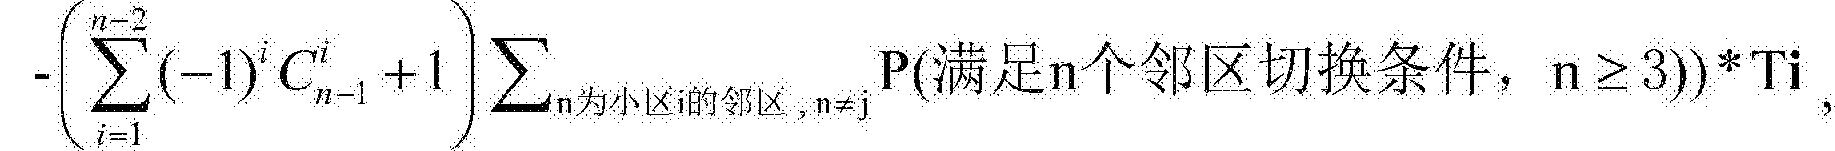 Figure CN104219707BC00032